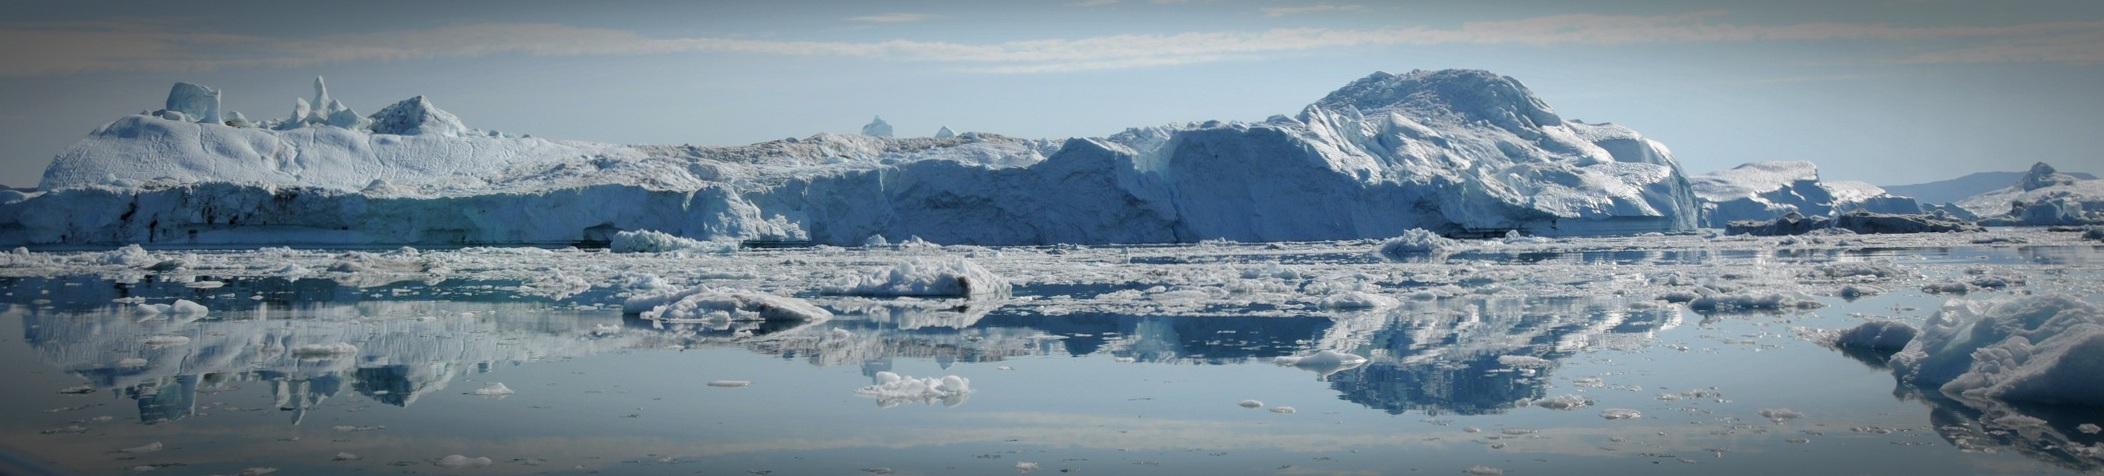 Panorama Ilulissat Eisfjord